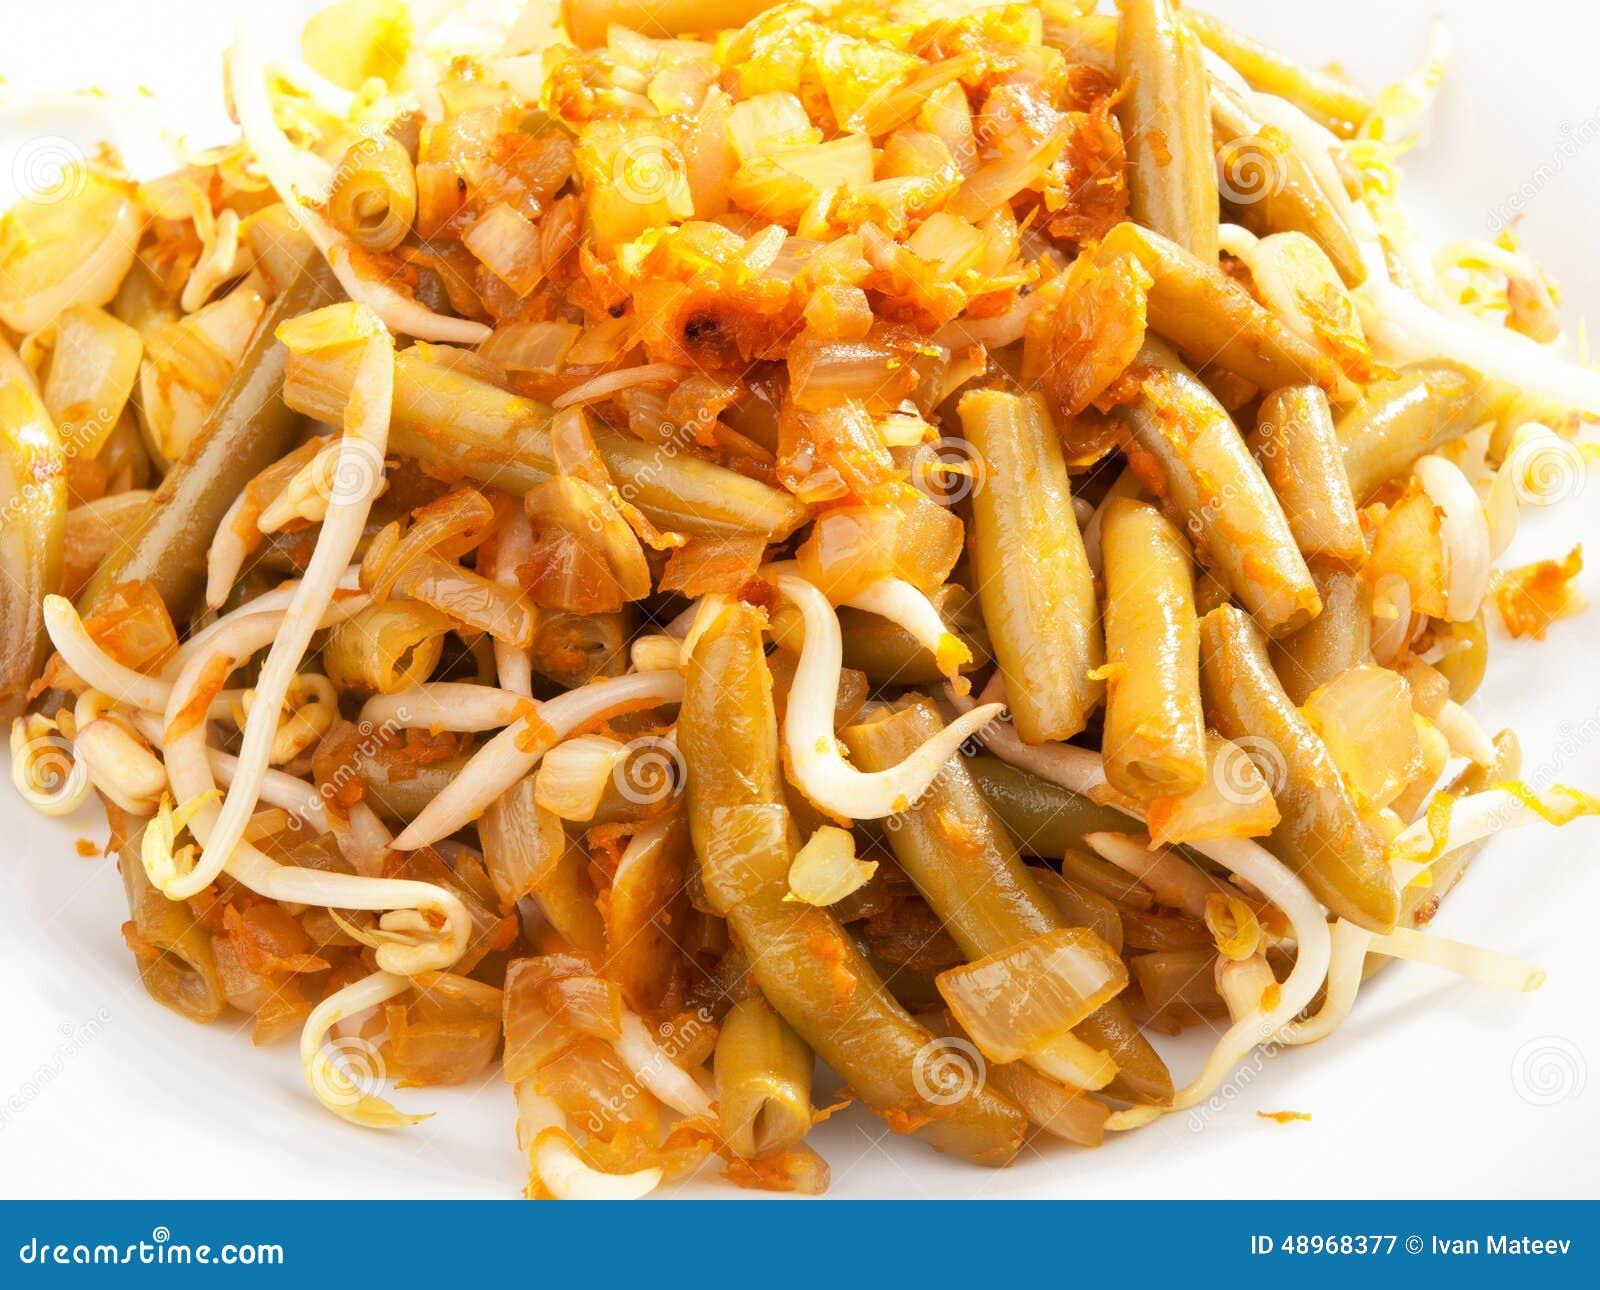 indonesische küche - bohnen mit sojasoße stockfoto - bild: 48968377 - Indonesien Küche